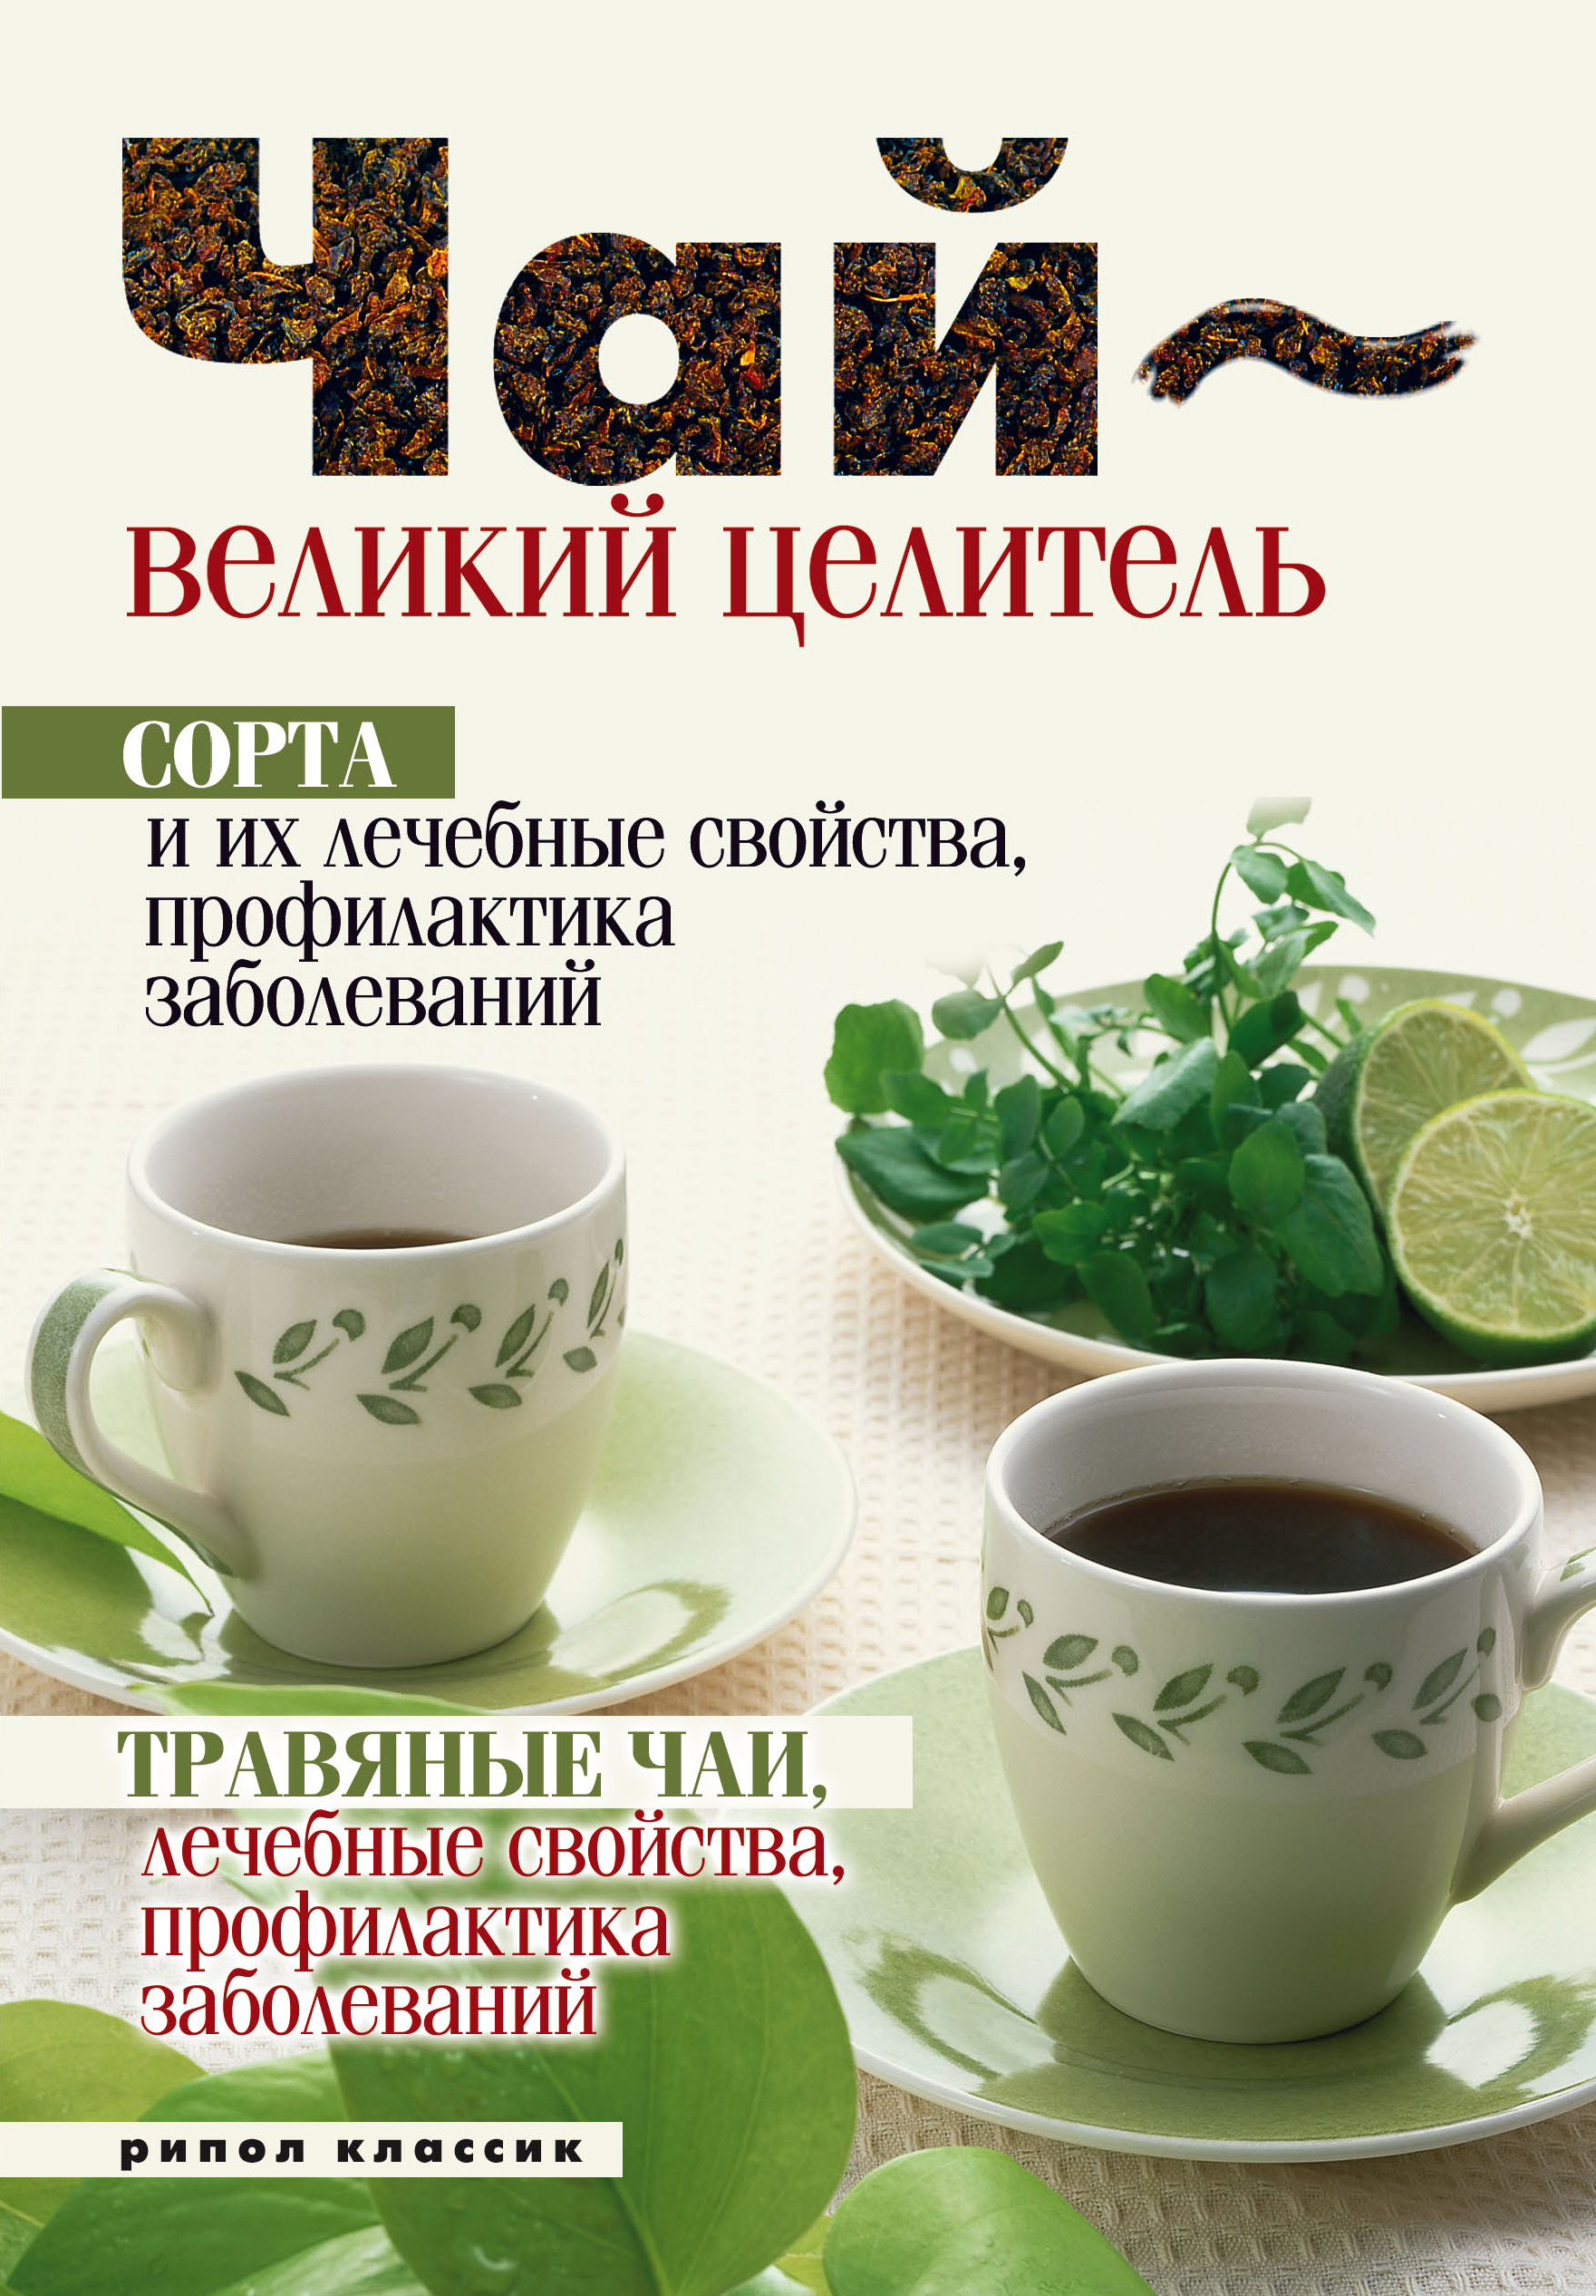 Отсутствует Чай – великий целитель. Сорта и их лечебные свойства, профилактика заболеваний. Травяные чаи, лечебные свойства... цветы бархатцы лечебные свойства и применение